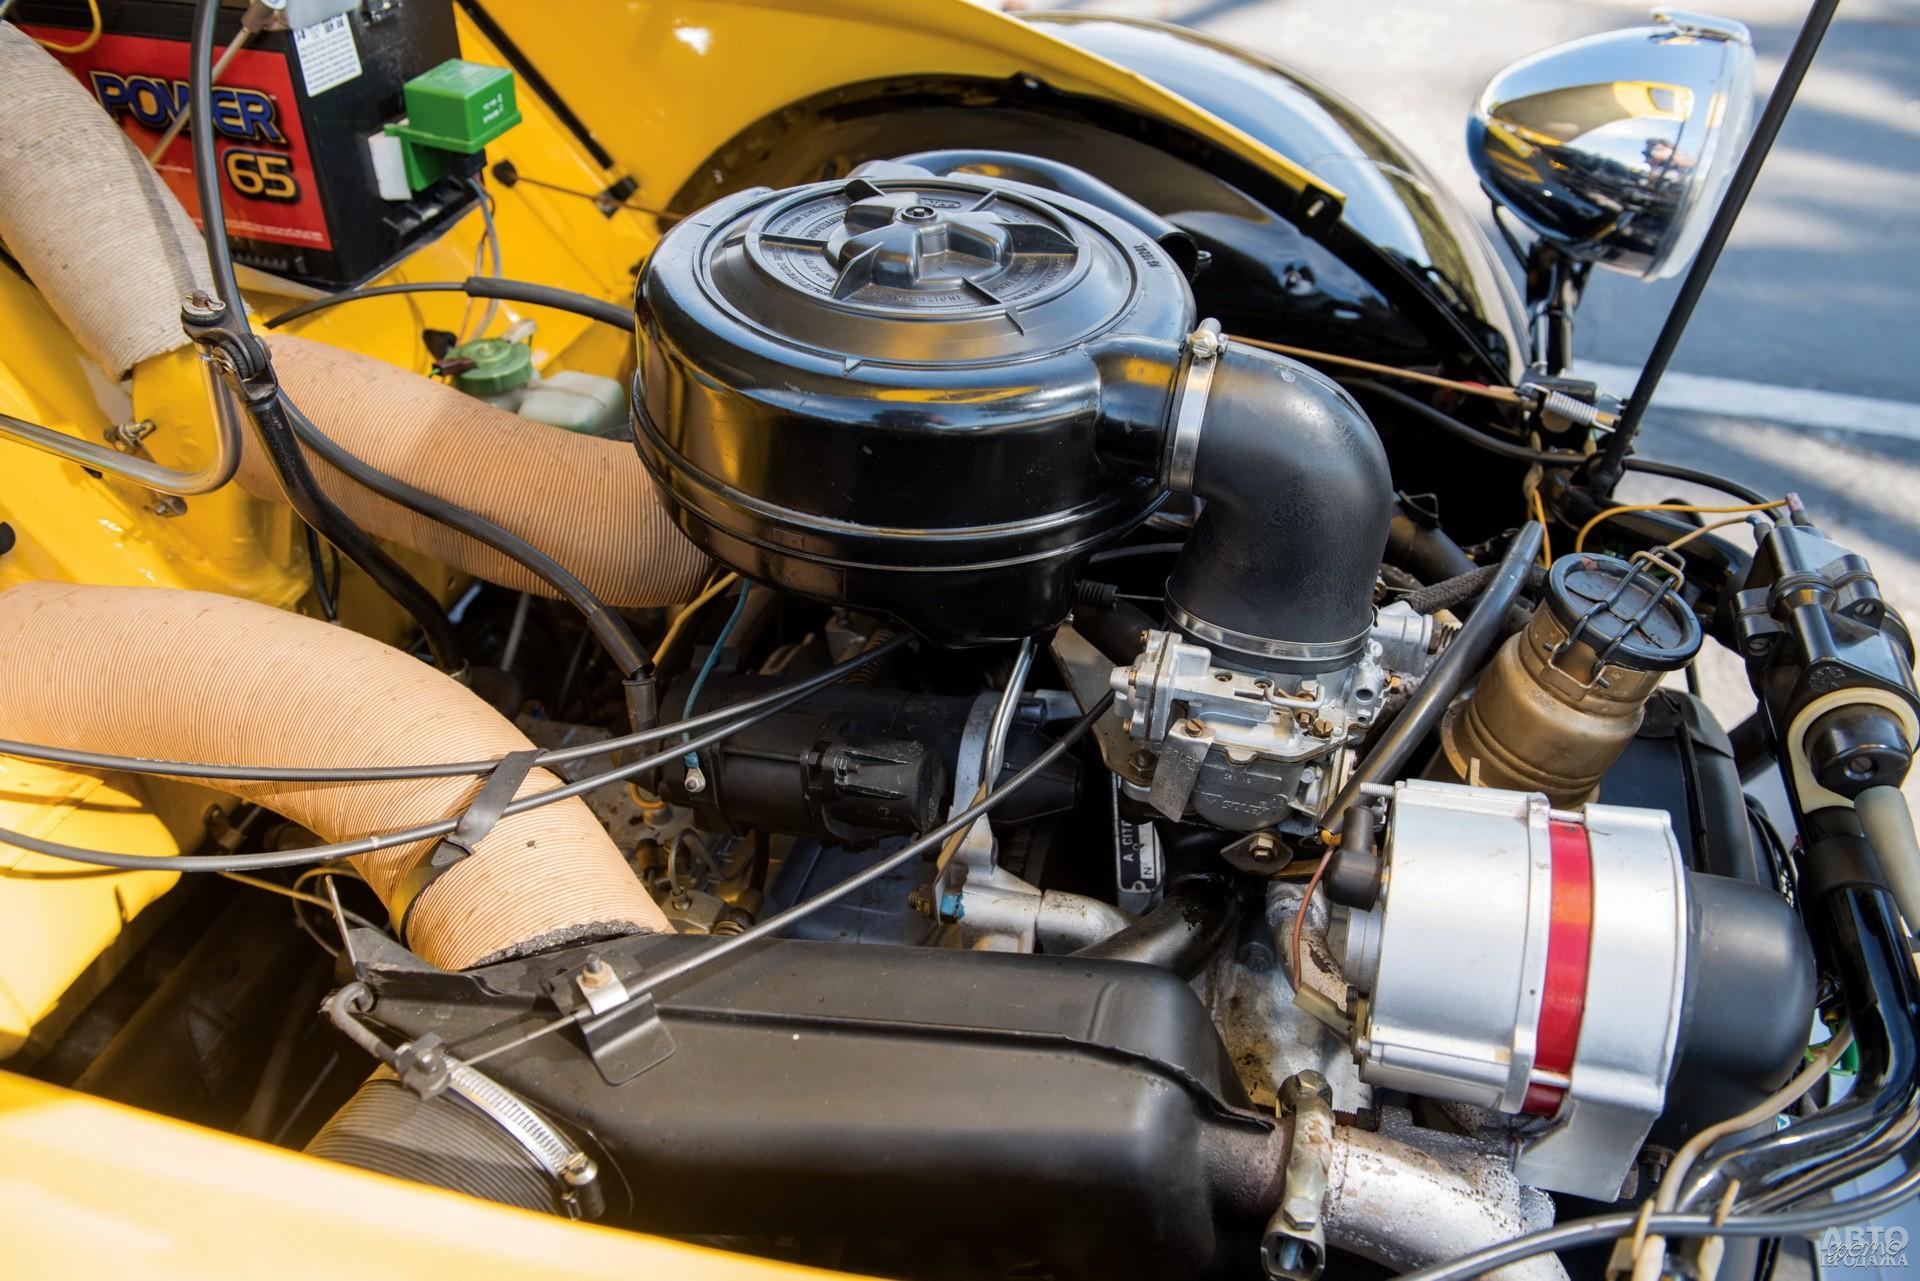 Оппозитный двухцилиндровый мотор приводил передние колеса